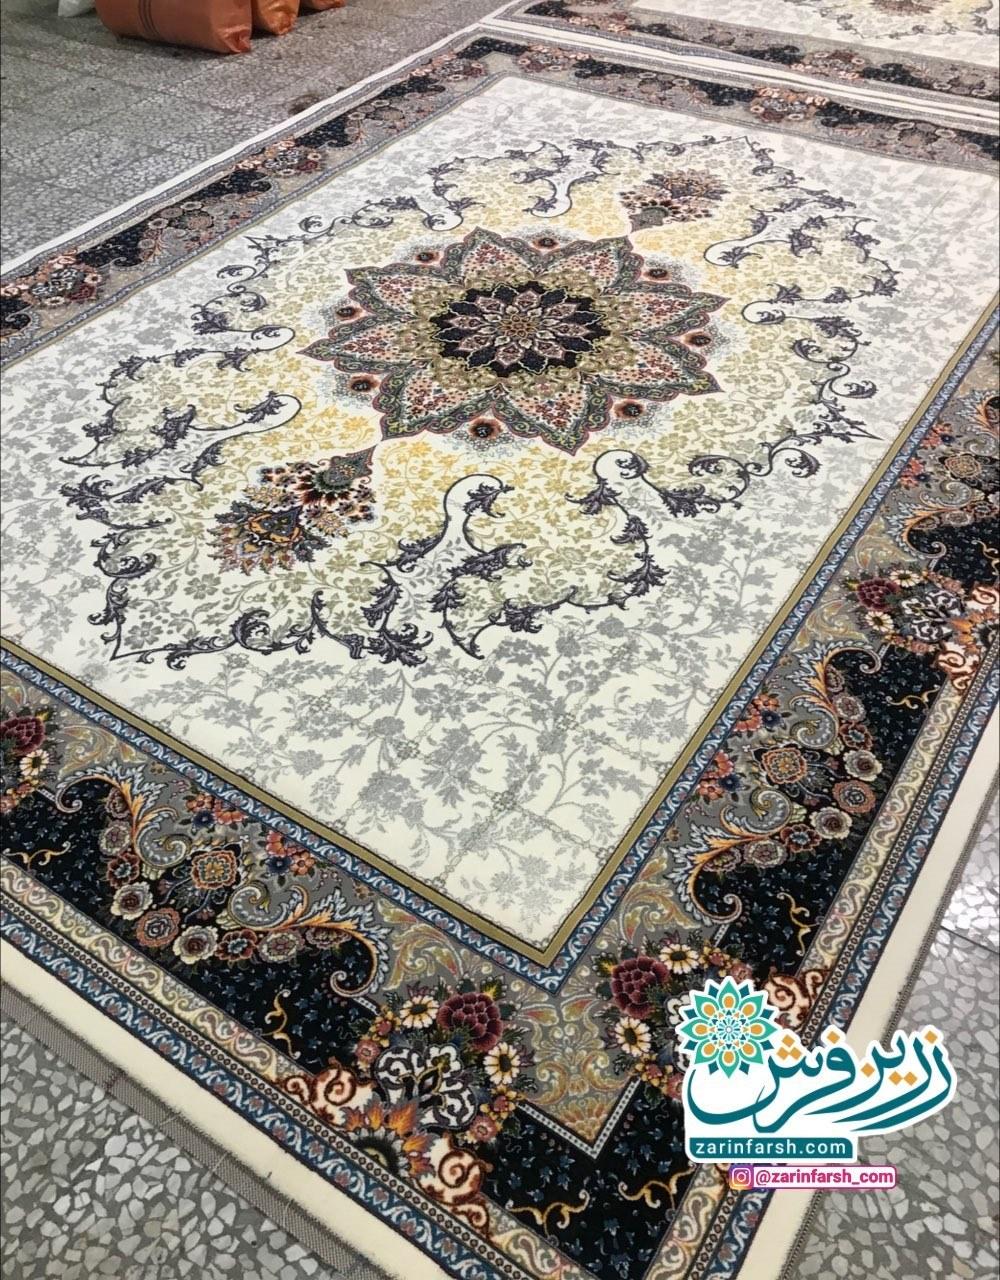 عکس فرش ماشینی 700 شانه طرح هیوا  فرش-ماشینی-700-شانه-طرح-هیوا